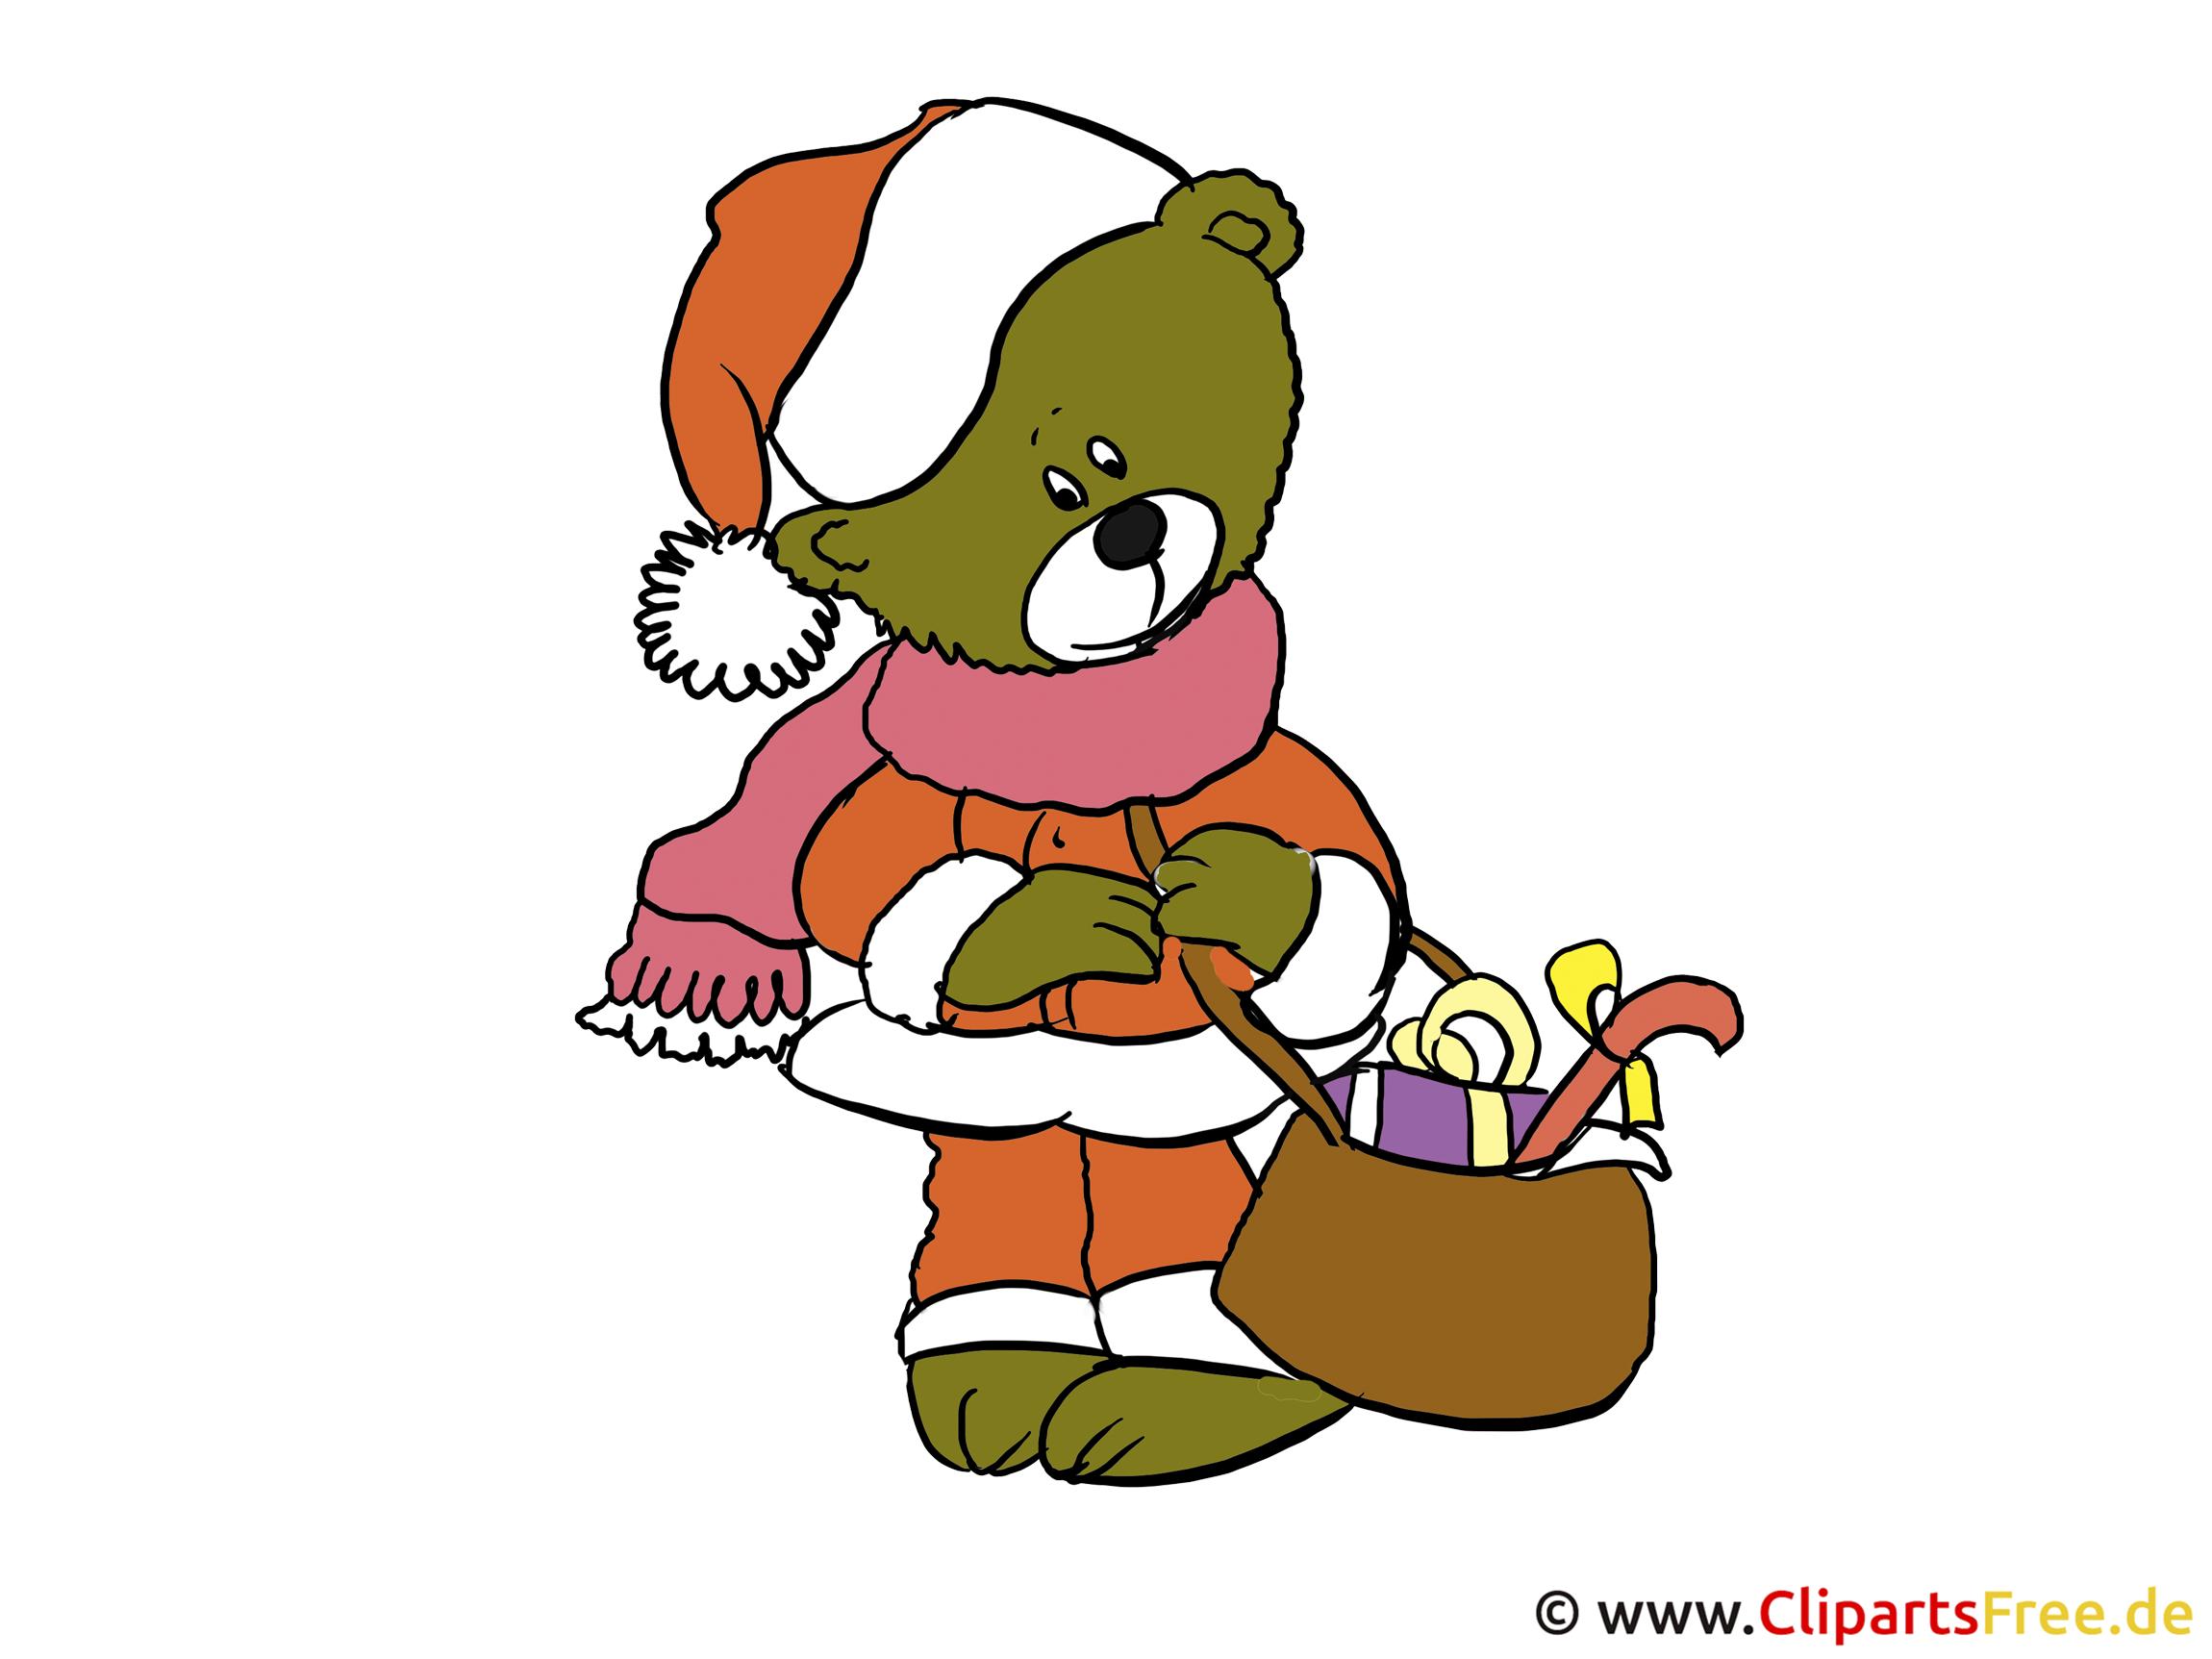 Weihnachtskarten selbst gestalten mit unseren Cliparts